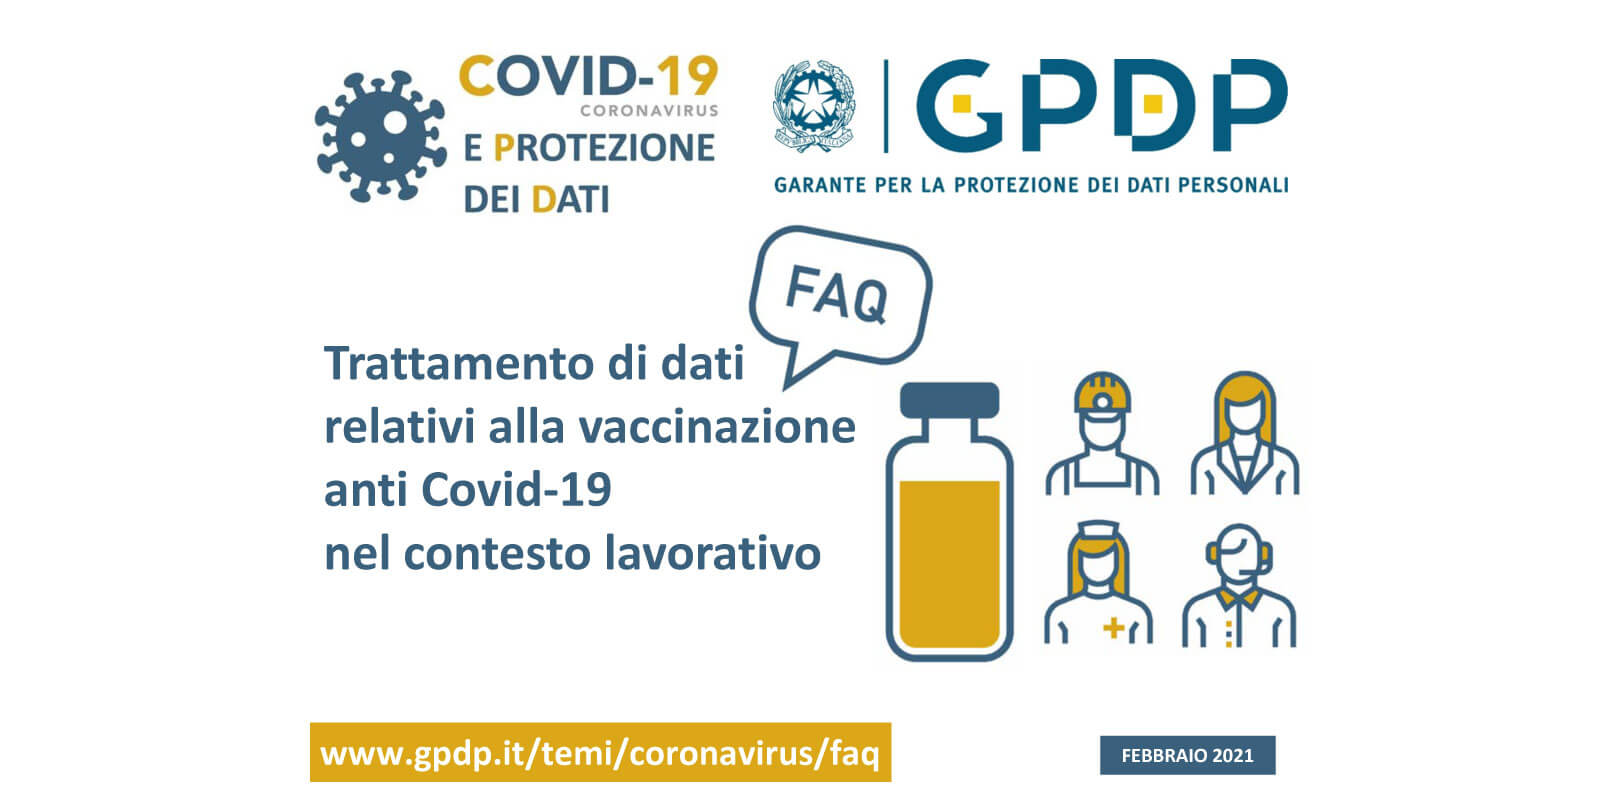 FAQ Vaccino Aziende